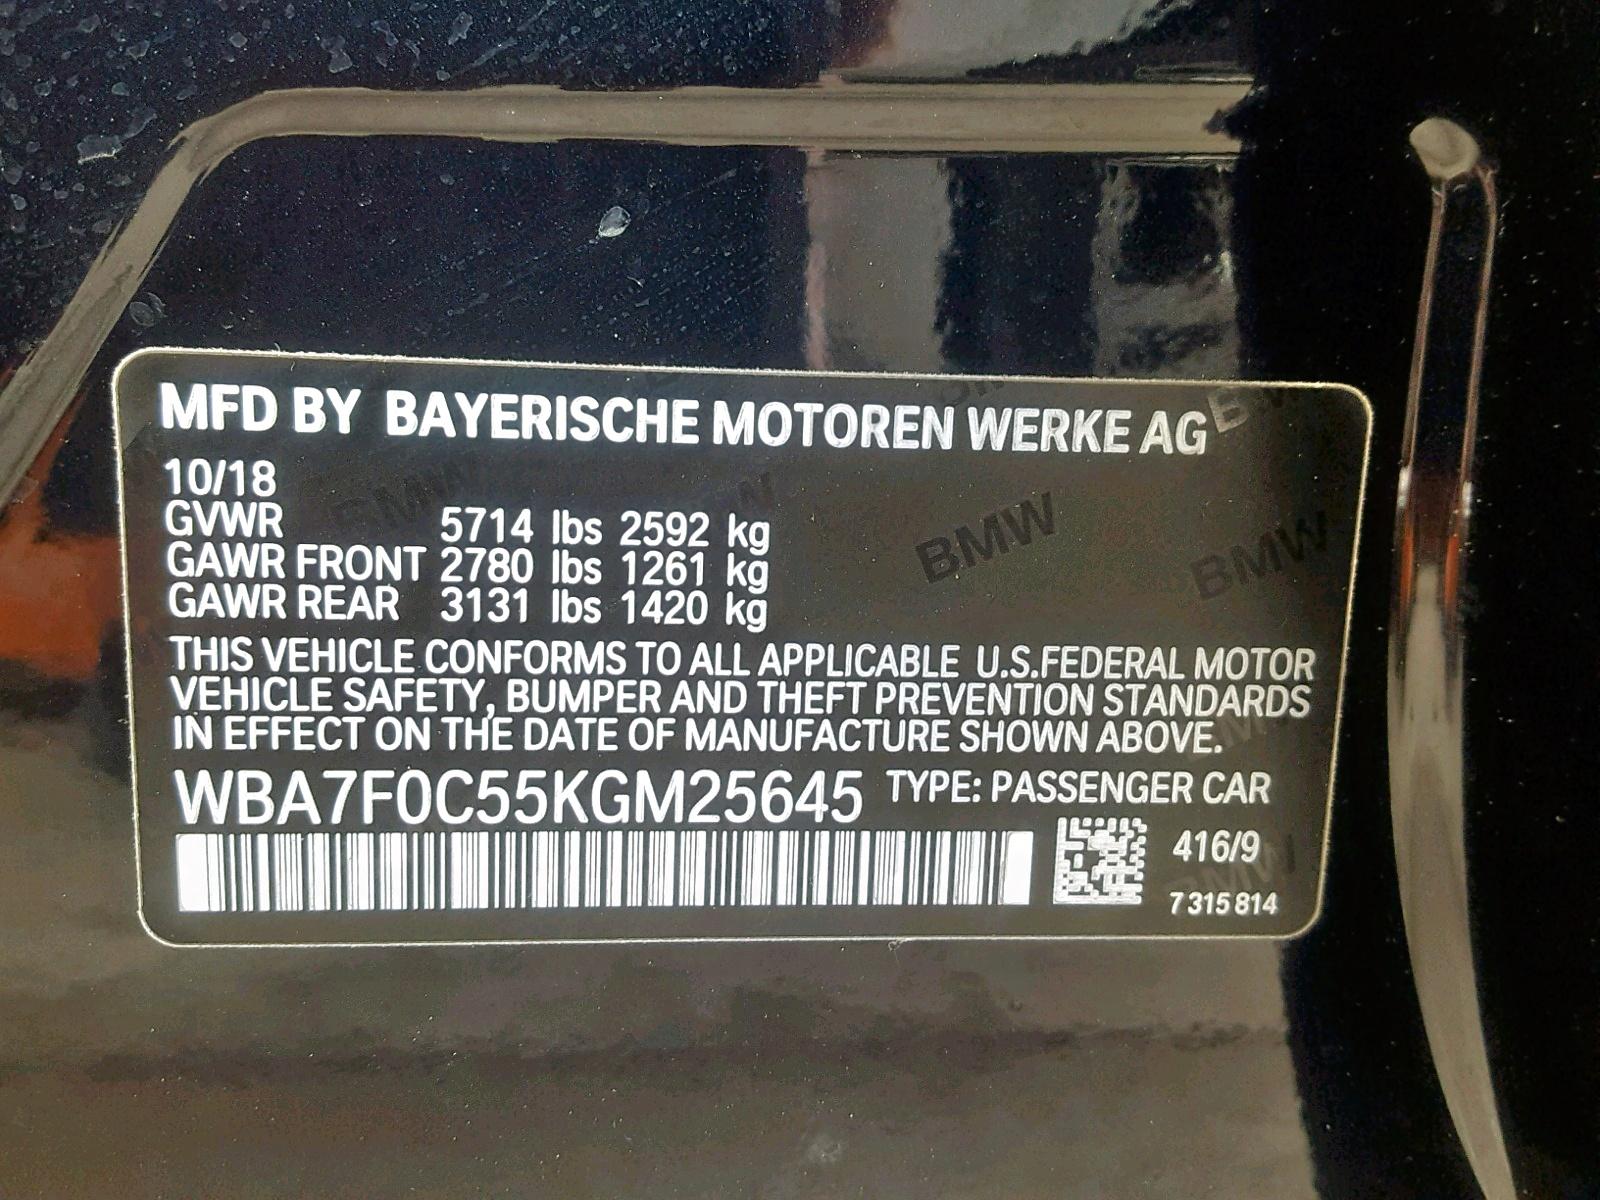 WBA7F0C55KGM25645 - 2019 Bmw 750 I 4.4L